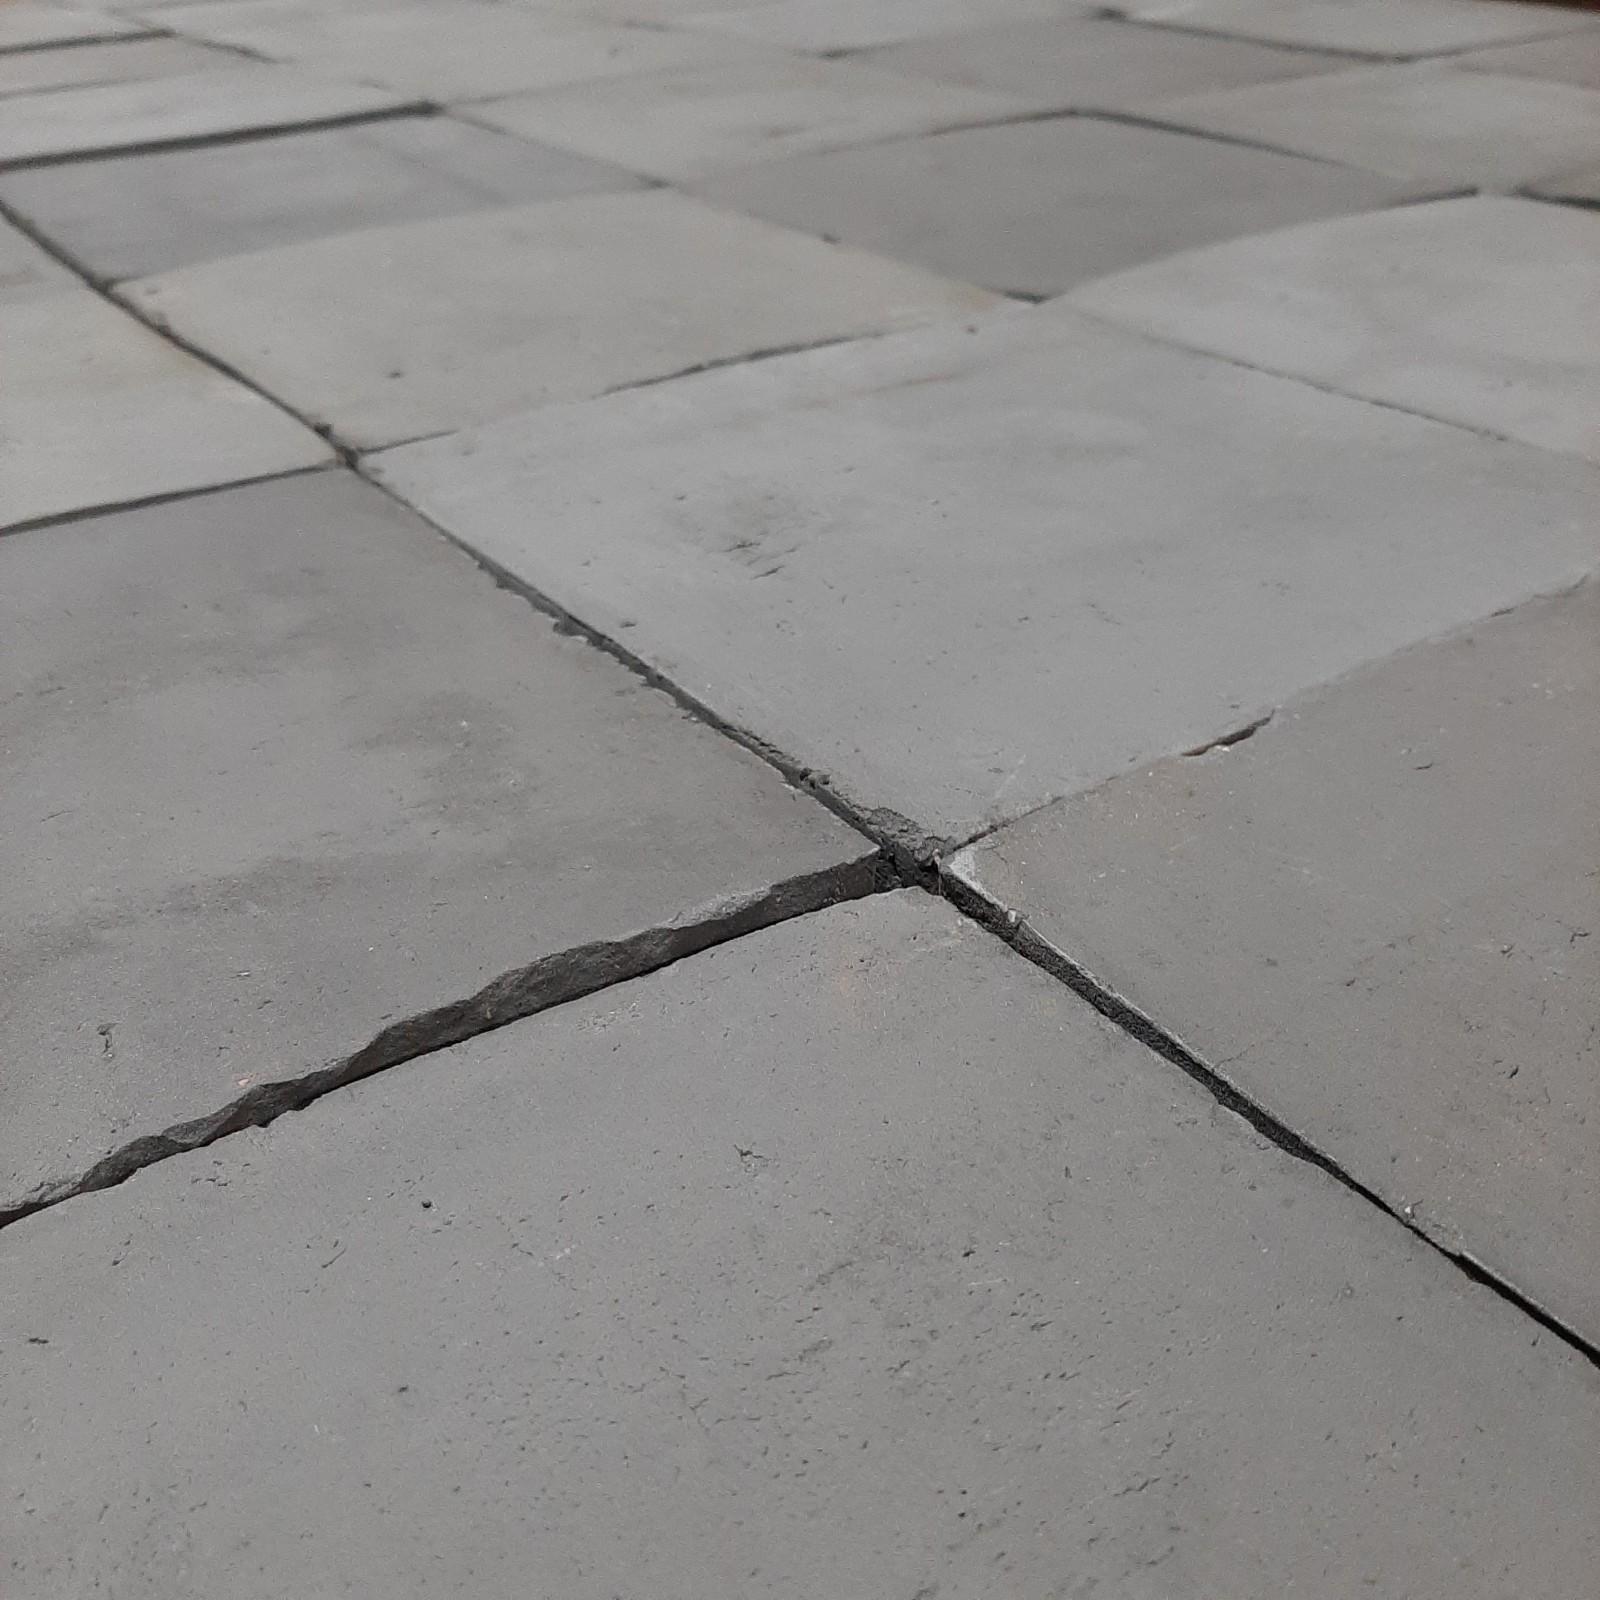 Braised floor tiles